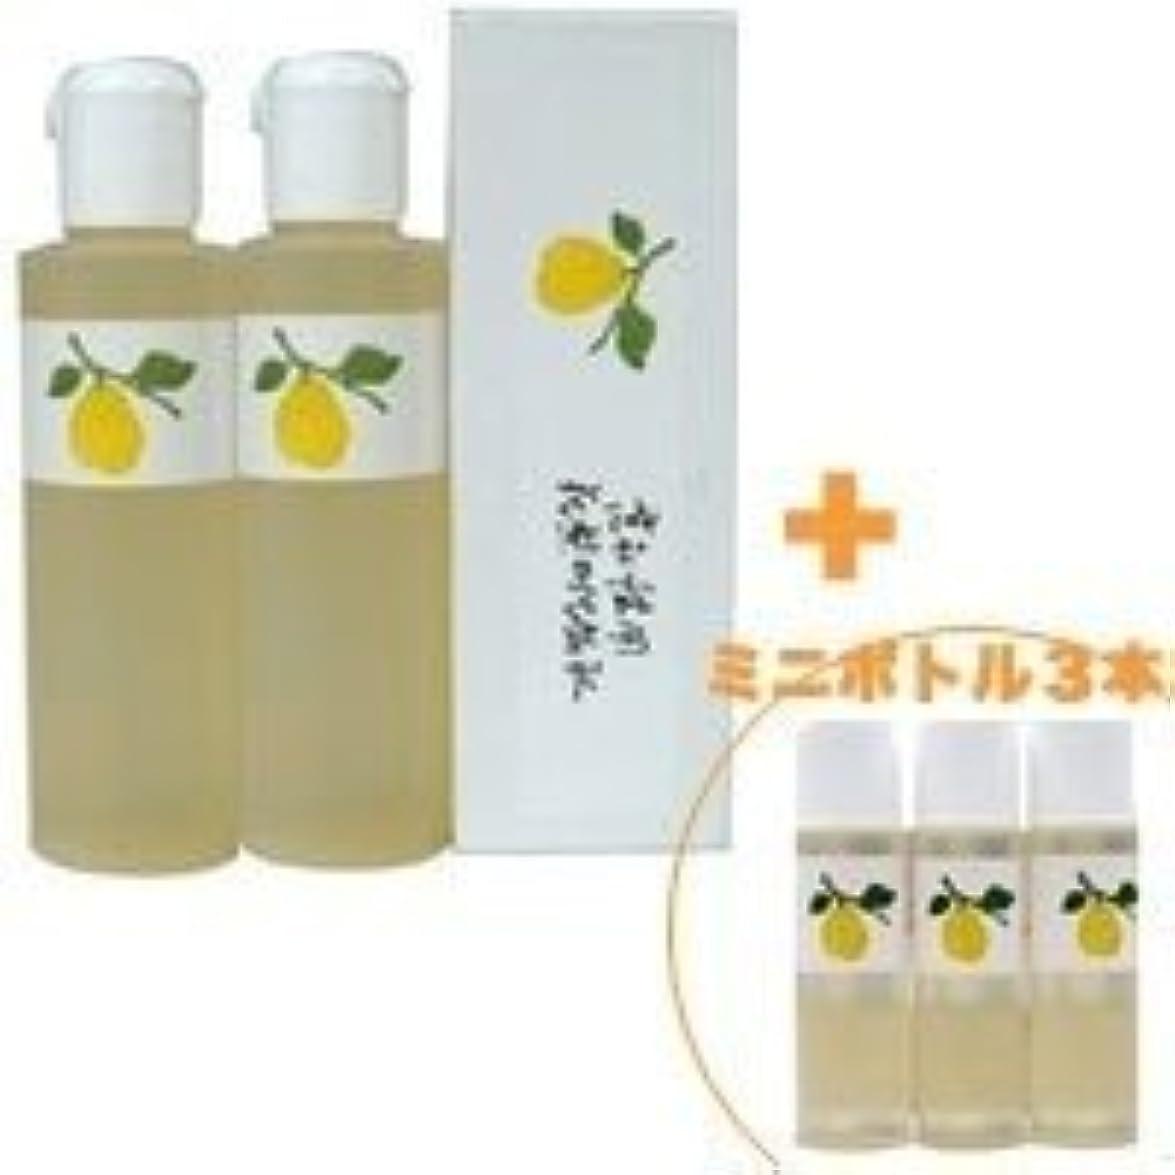 けがをする労働フレームワーク花梨の化粧水 200ml 2本&ミニボトル 3本 美容液 栄養クリームのいらないお肌へ 保湿と乾燥対策に